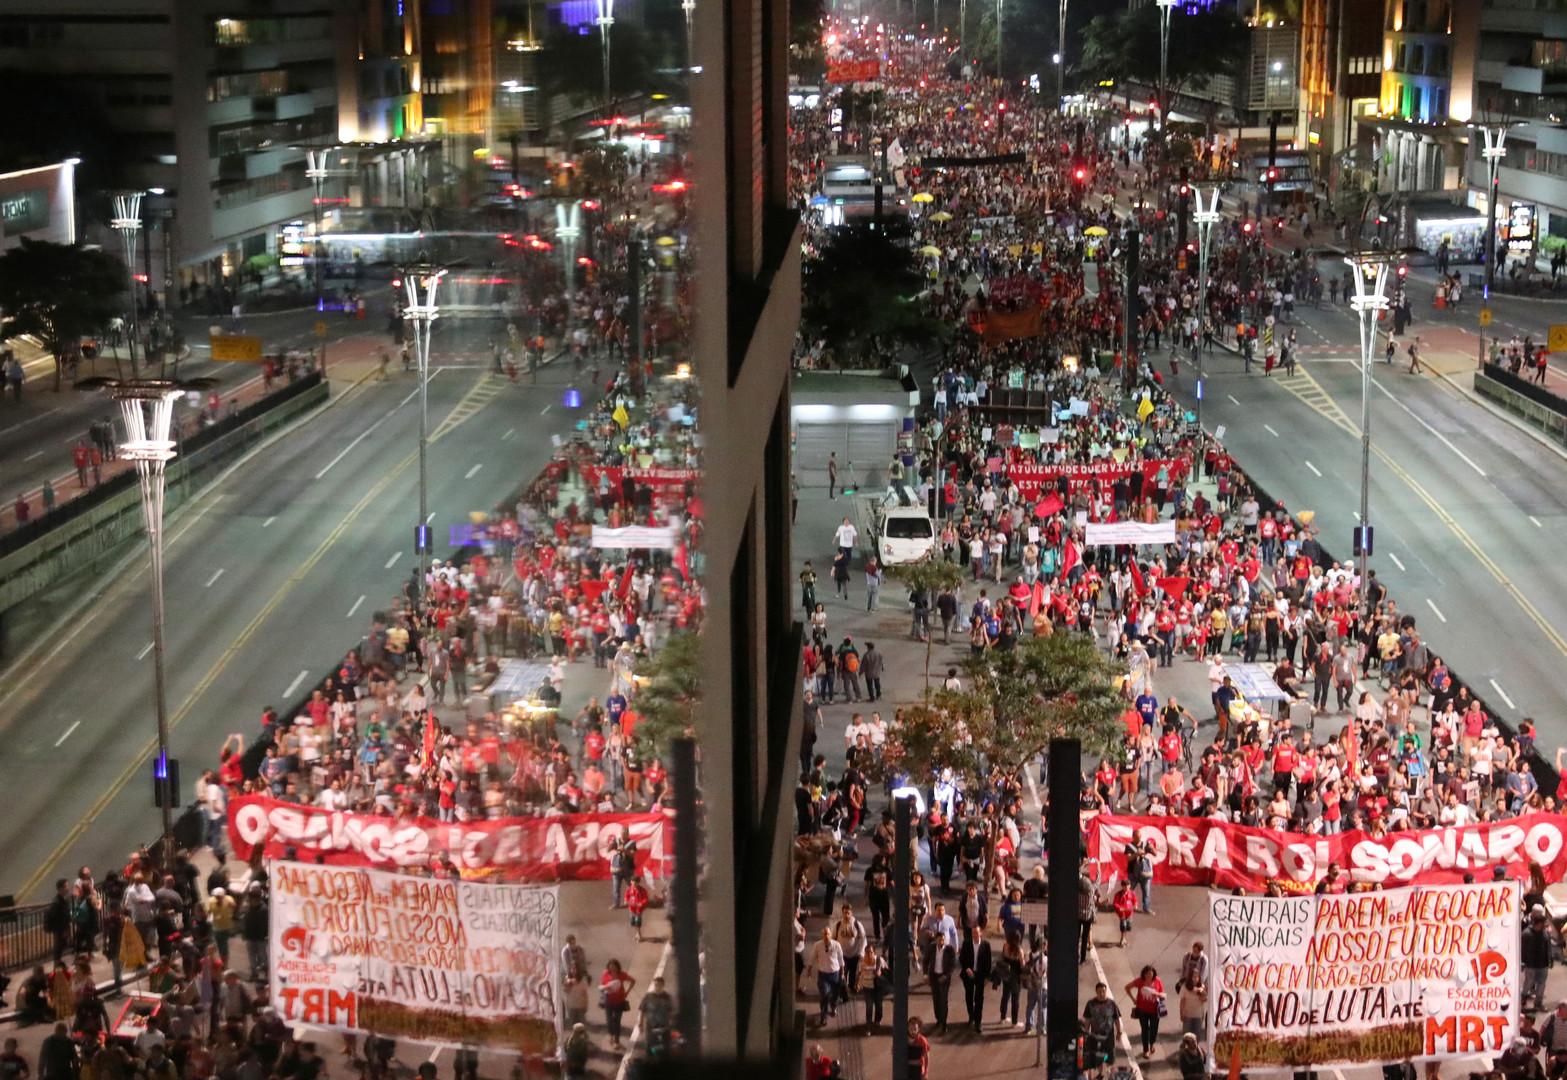 احتجاجات على إصلاح المعاشات التقاعدية في سان باولو، البرازيل، 14 يونيو 2019